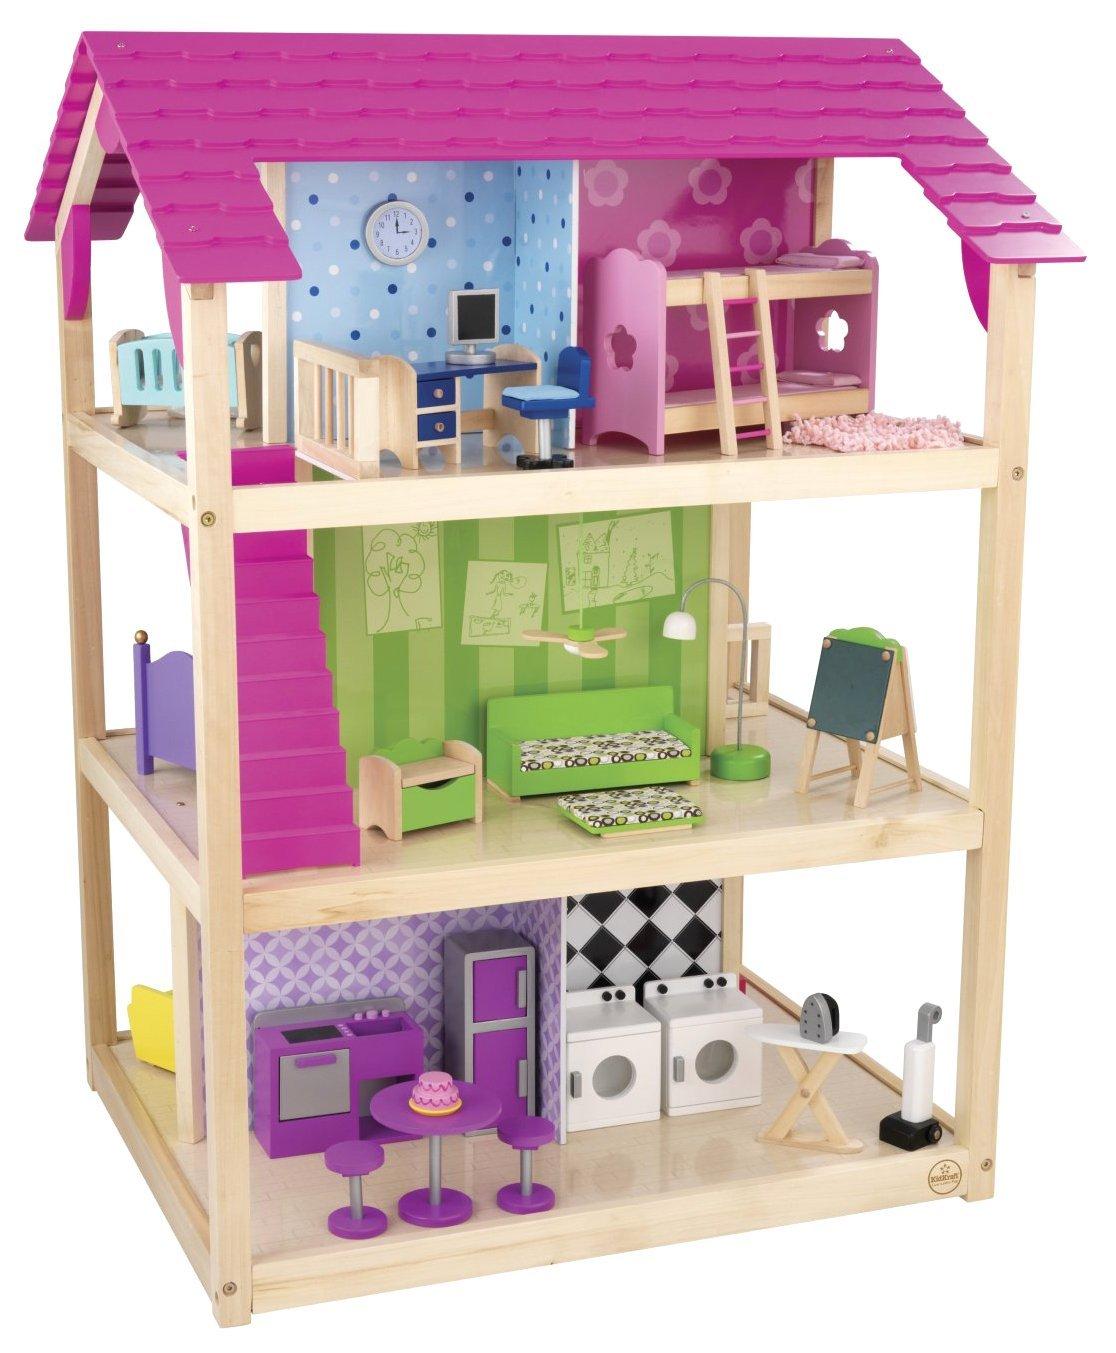 Кукольный домик для Барби - Самый роскошный, с мебелью 45 элементов, на колесикахКукольные домики<br>Кукольный домик для Барби - Самый роскошный, с мебелью 45 элементов, на колесиках<br>